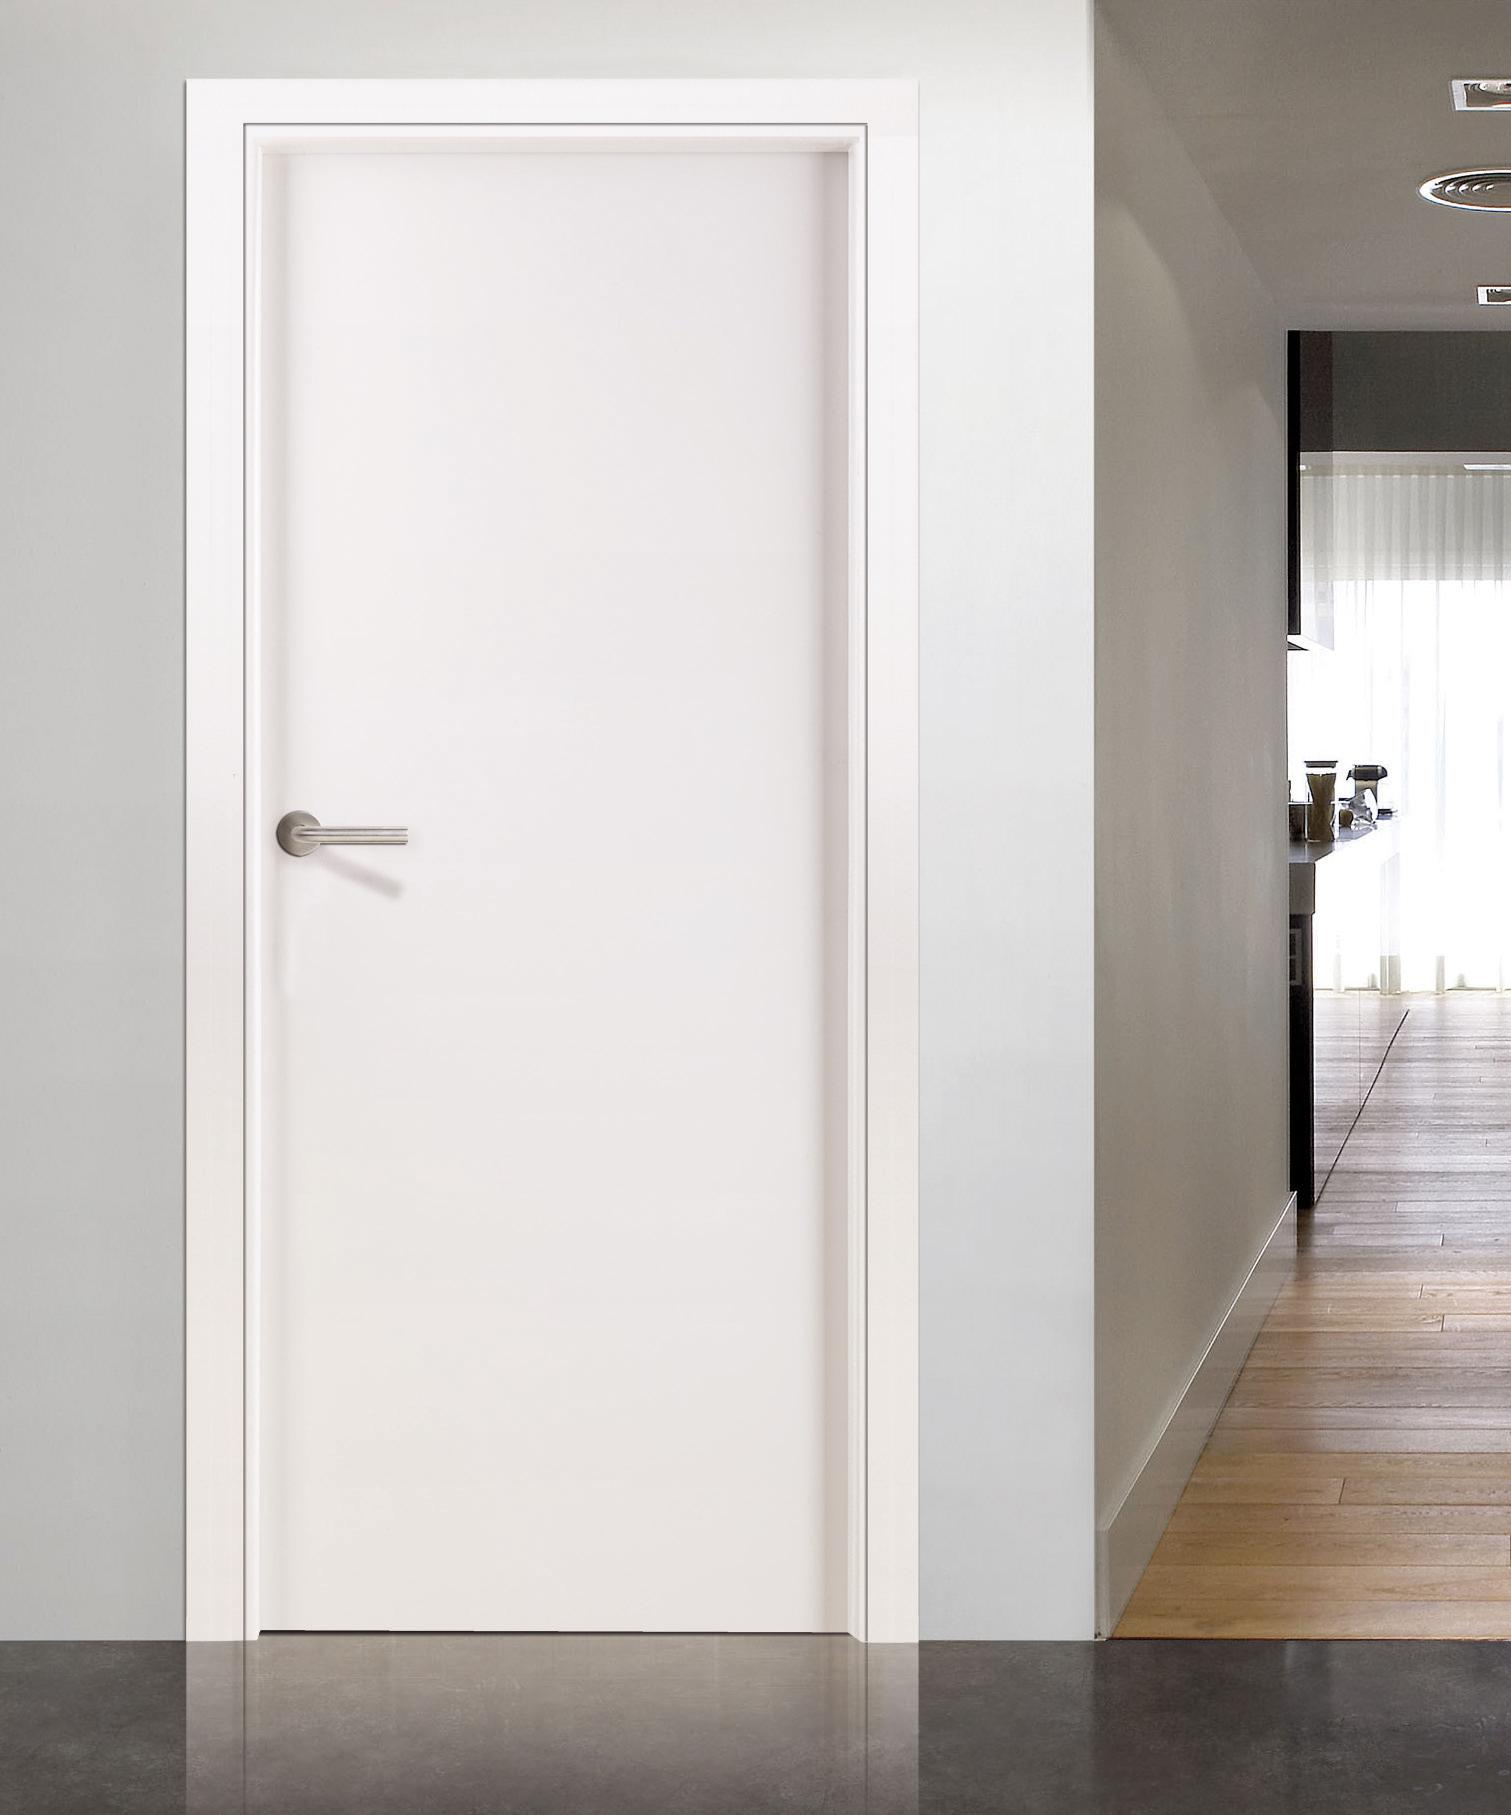 Puertas lisas lacadas en blanco excellent affordable cheap reforma con puertas lacadas reformas - Puertas lisas blancas ...